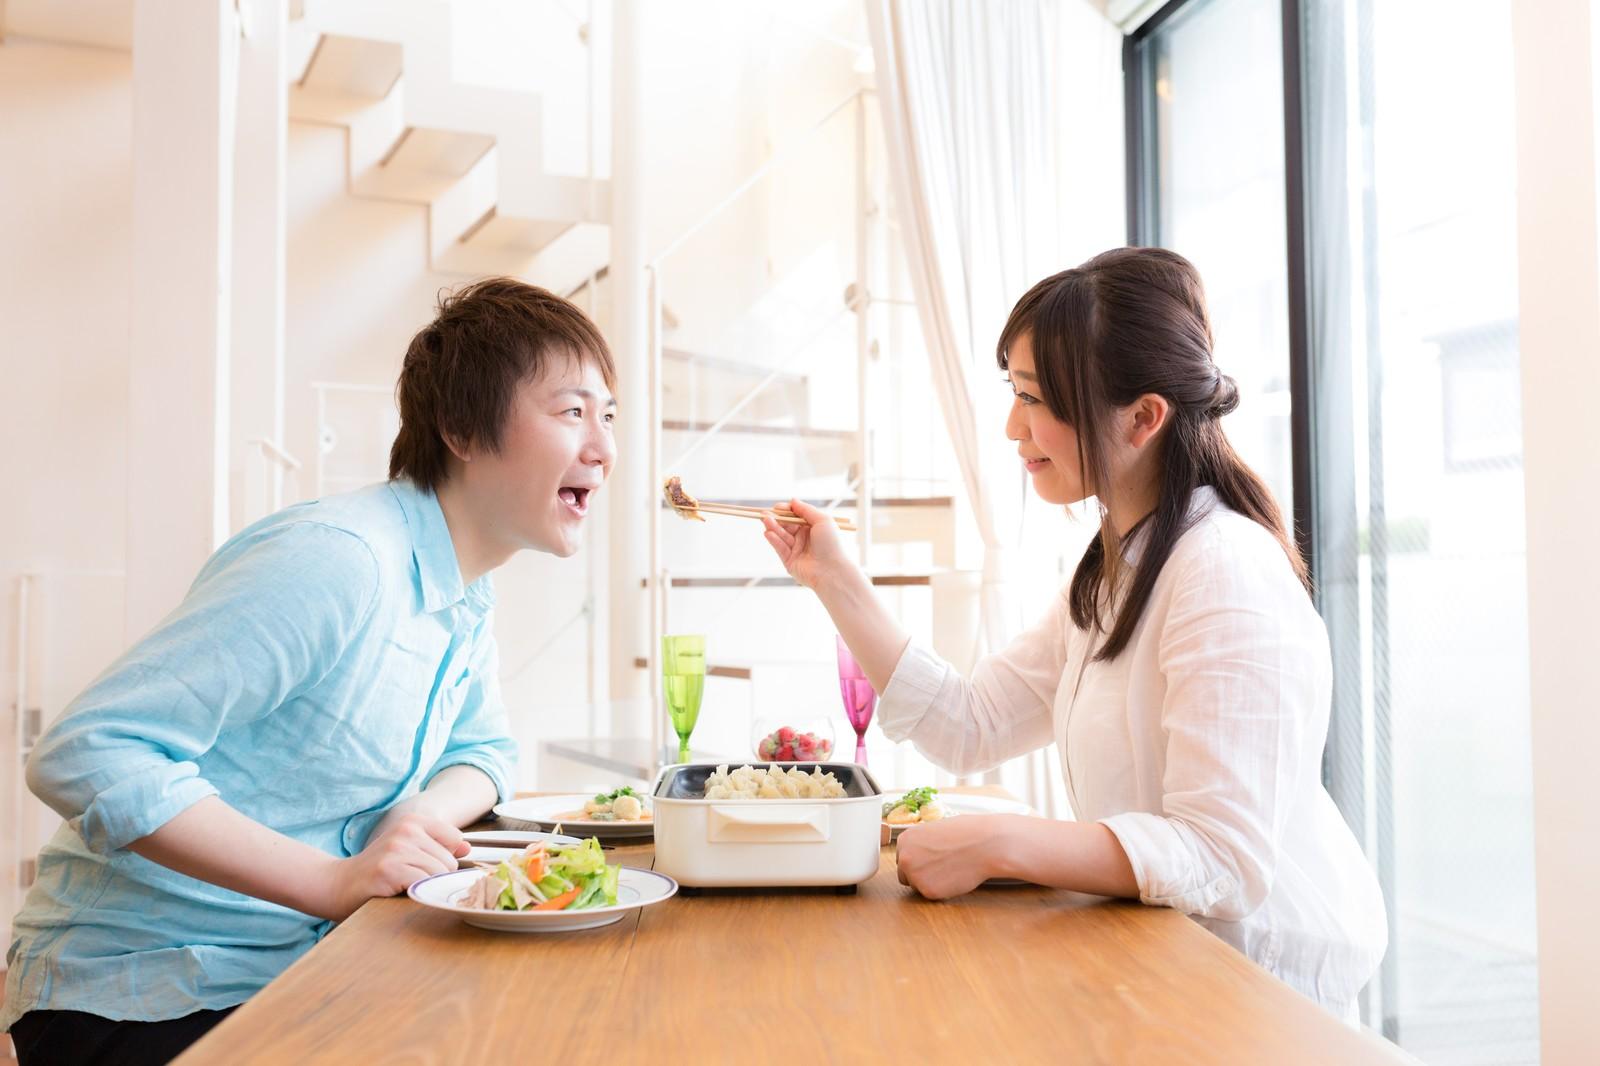 料理上手な妻や彼は浮気をされない、一緒に食事する二人